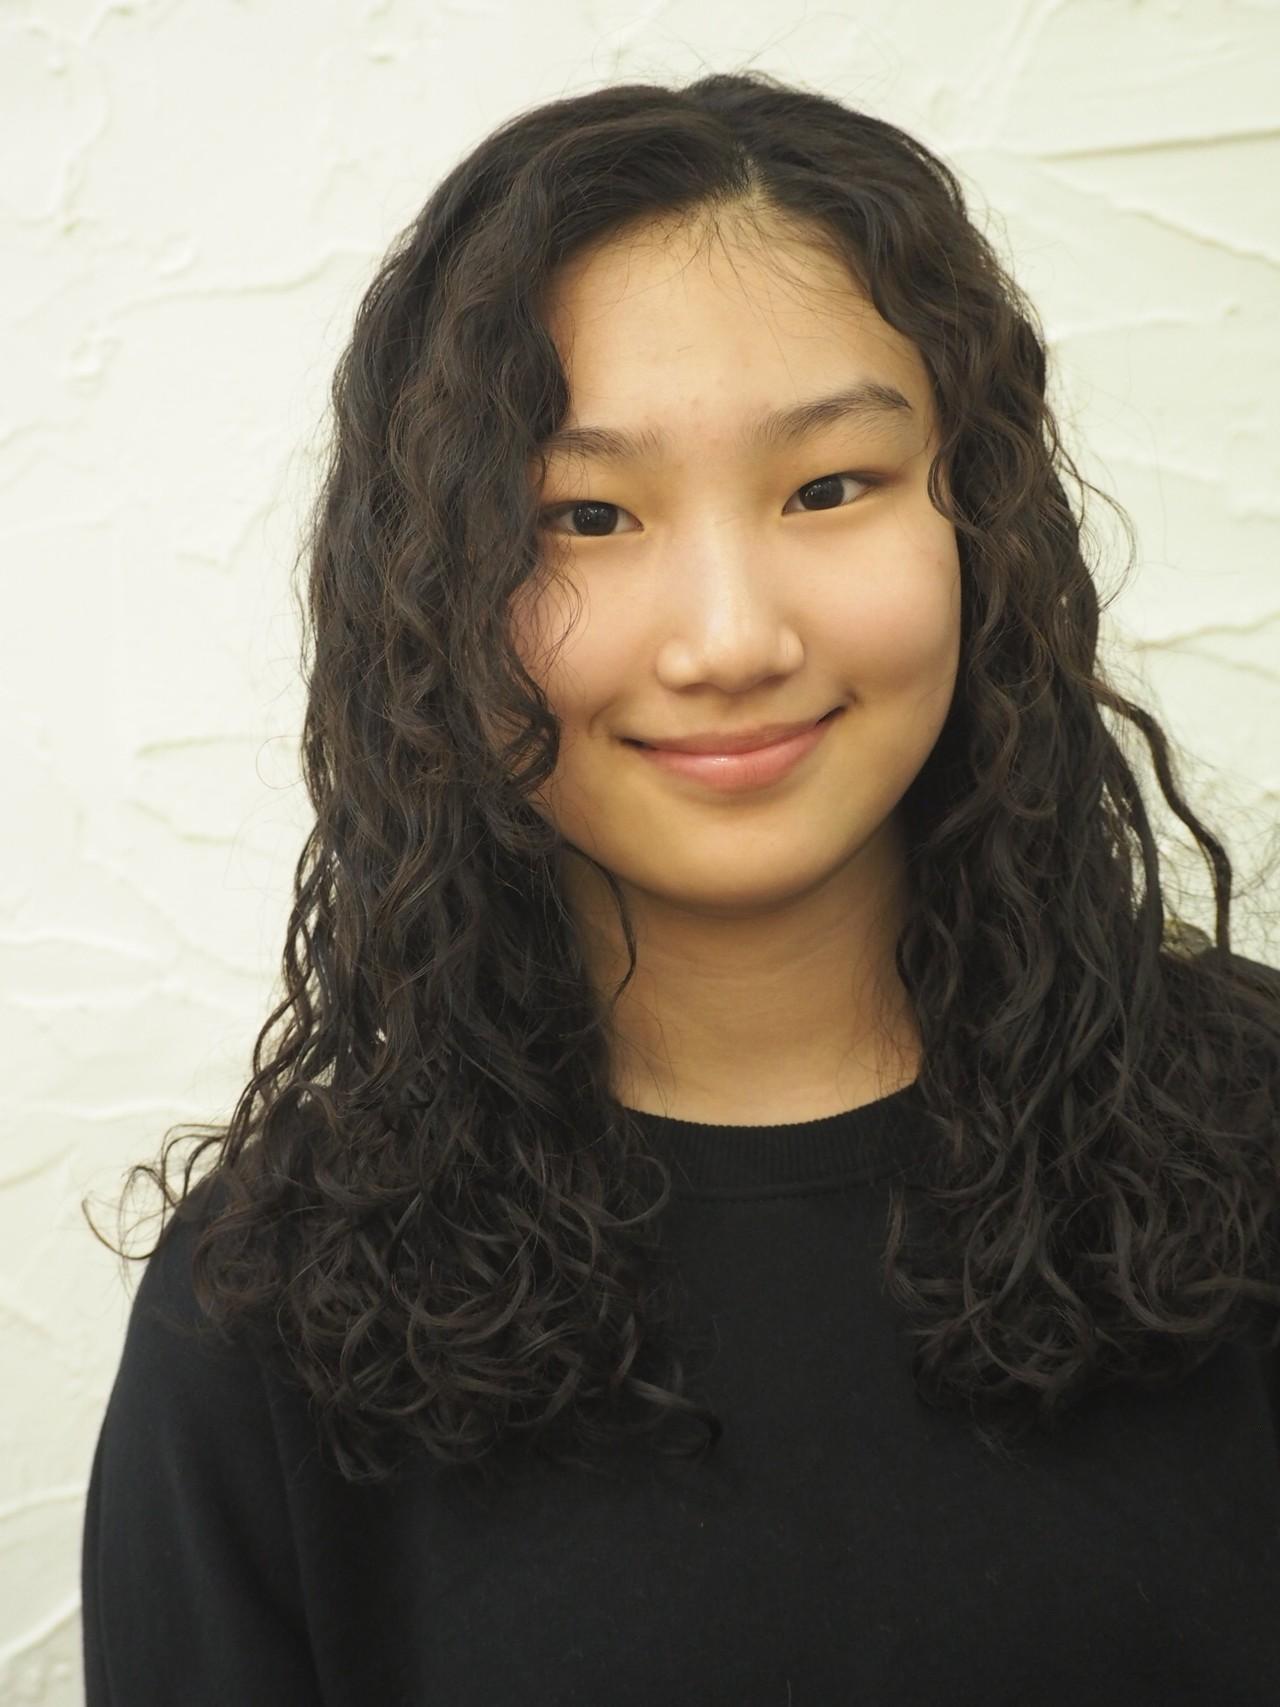 パーマ 外国人風 黒髪 フェミニン ヘアスタイルや髪型の写真・画像 | kannoTAIKI / hair produce YANK'S!